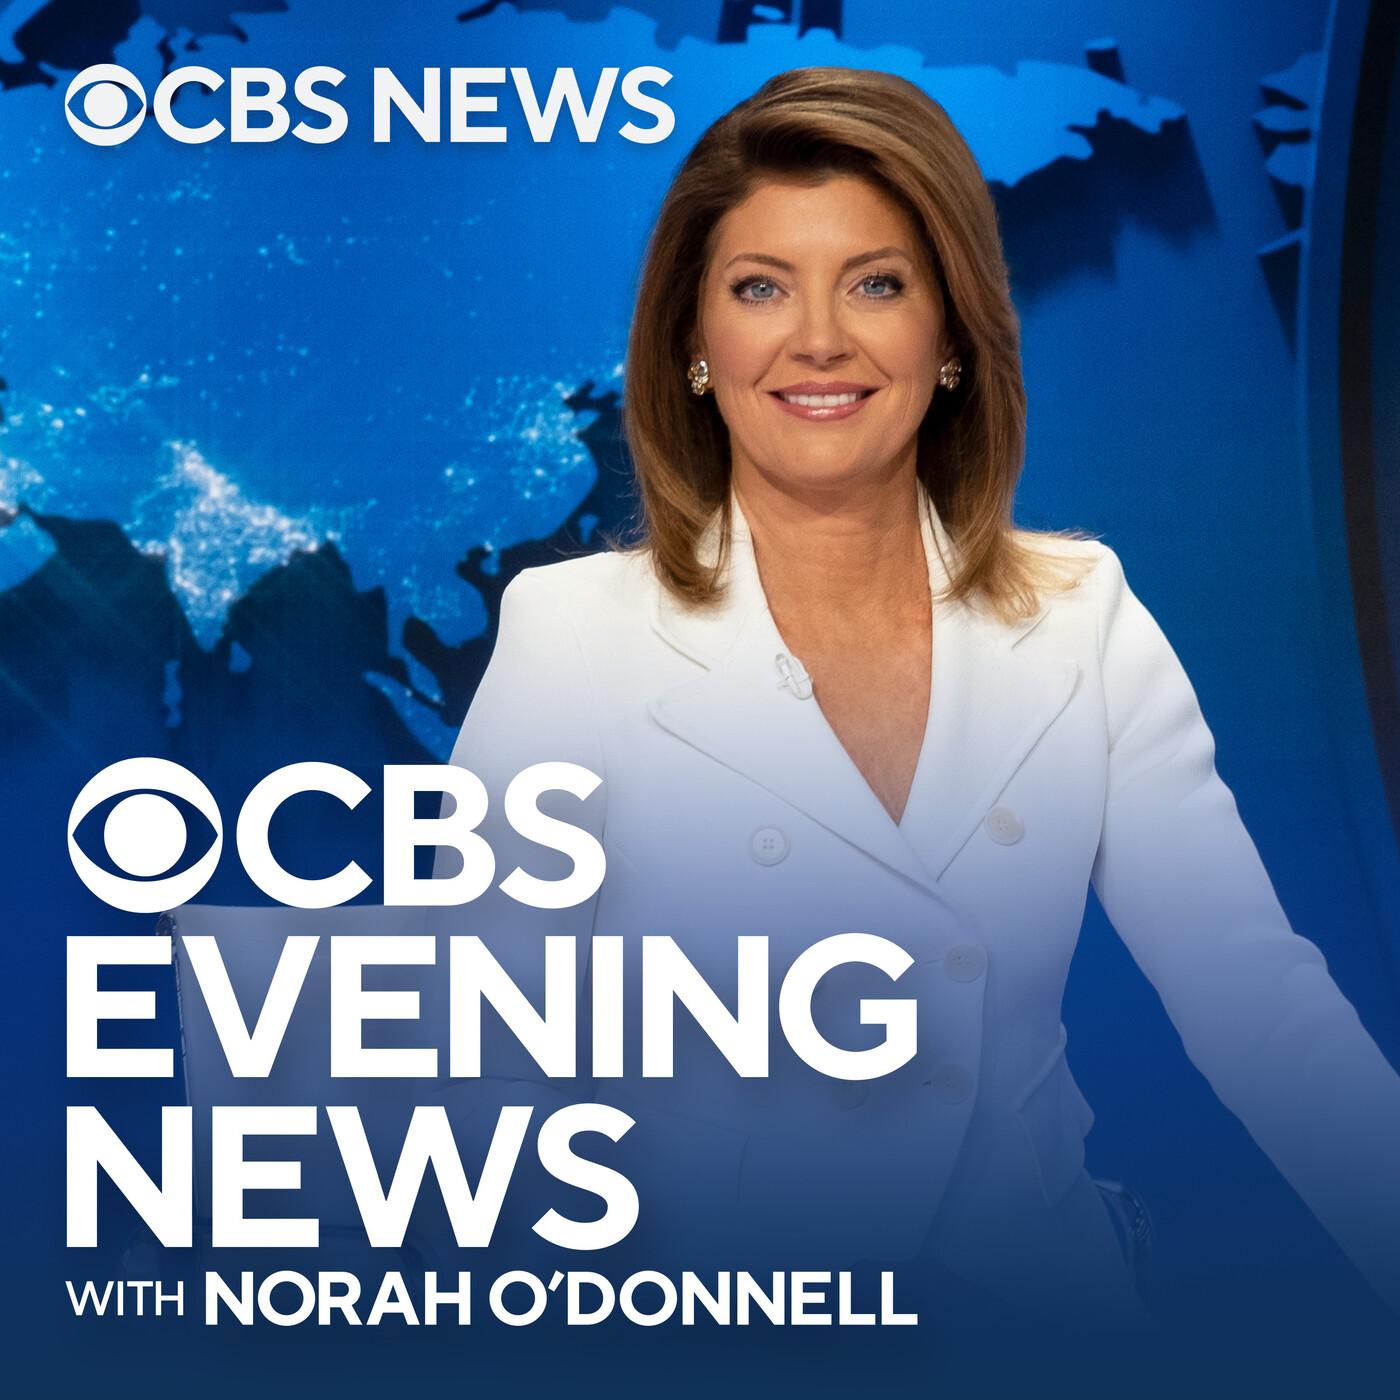 Cbs evening news: 6/28